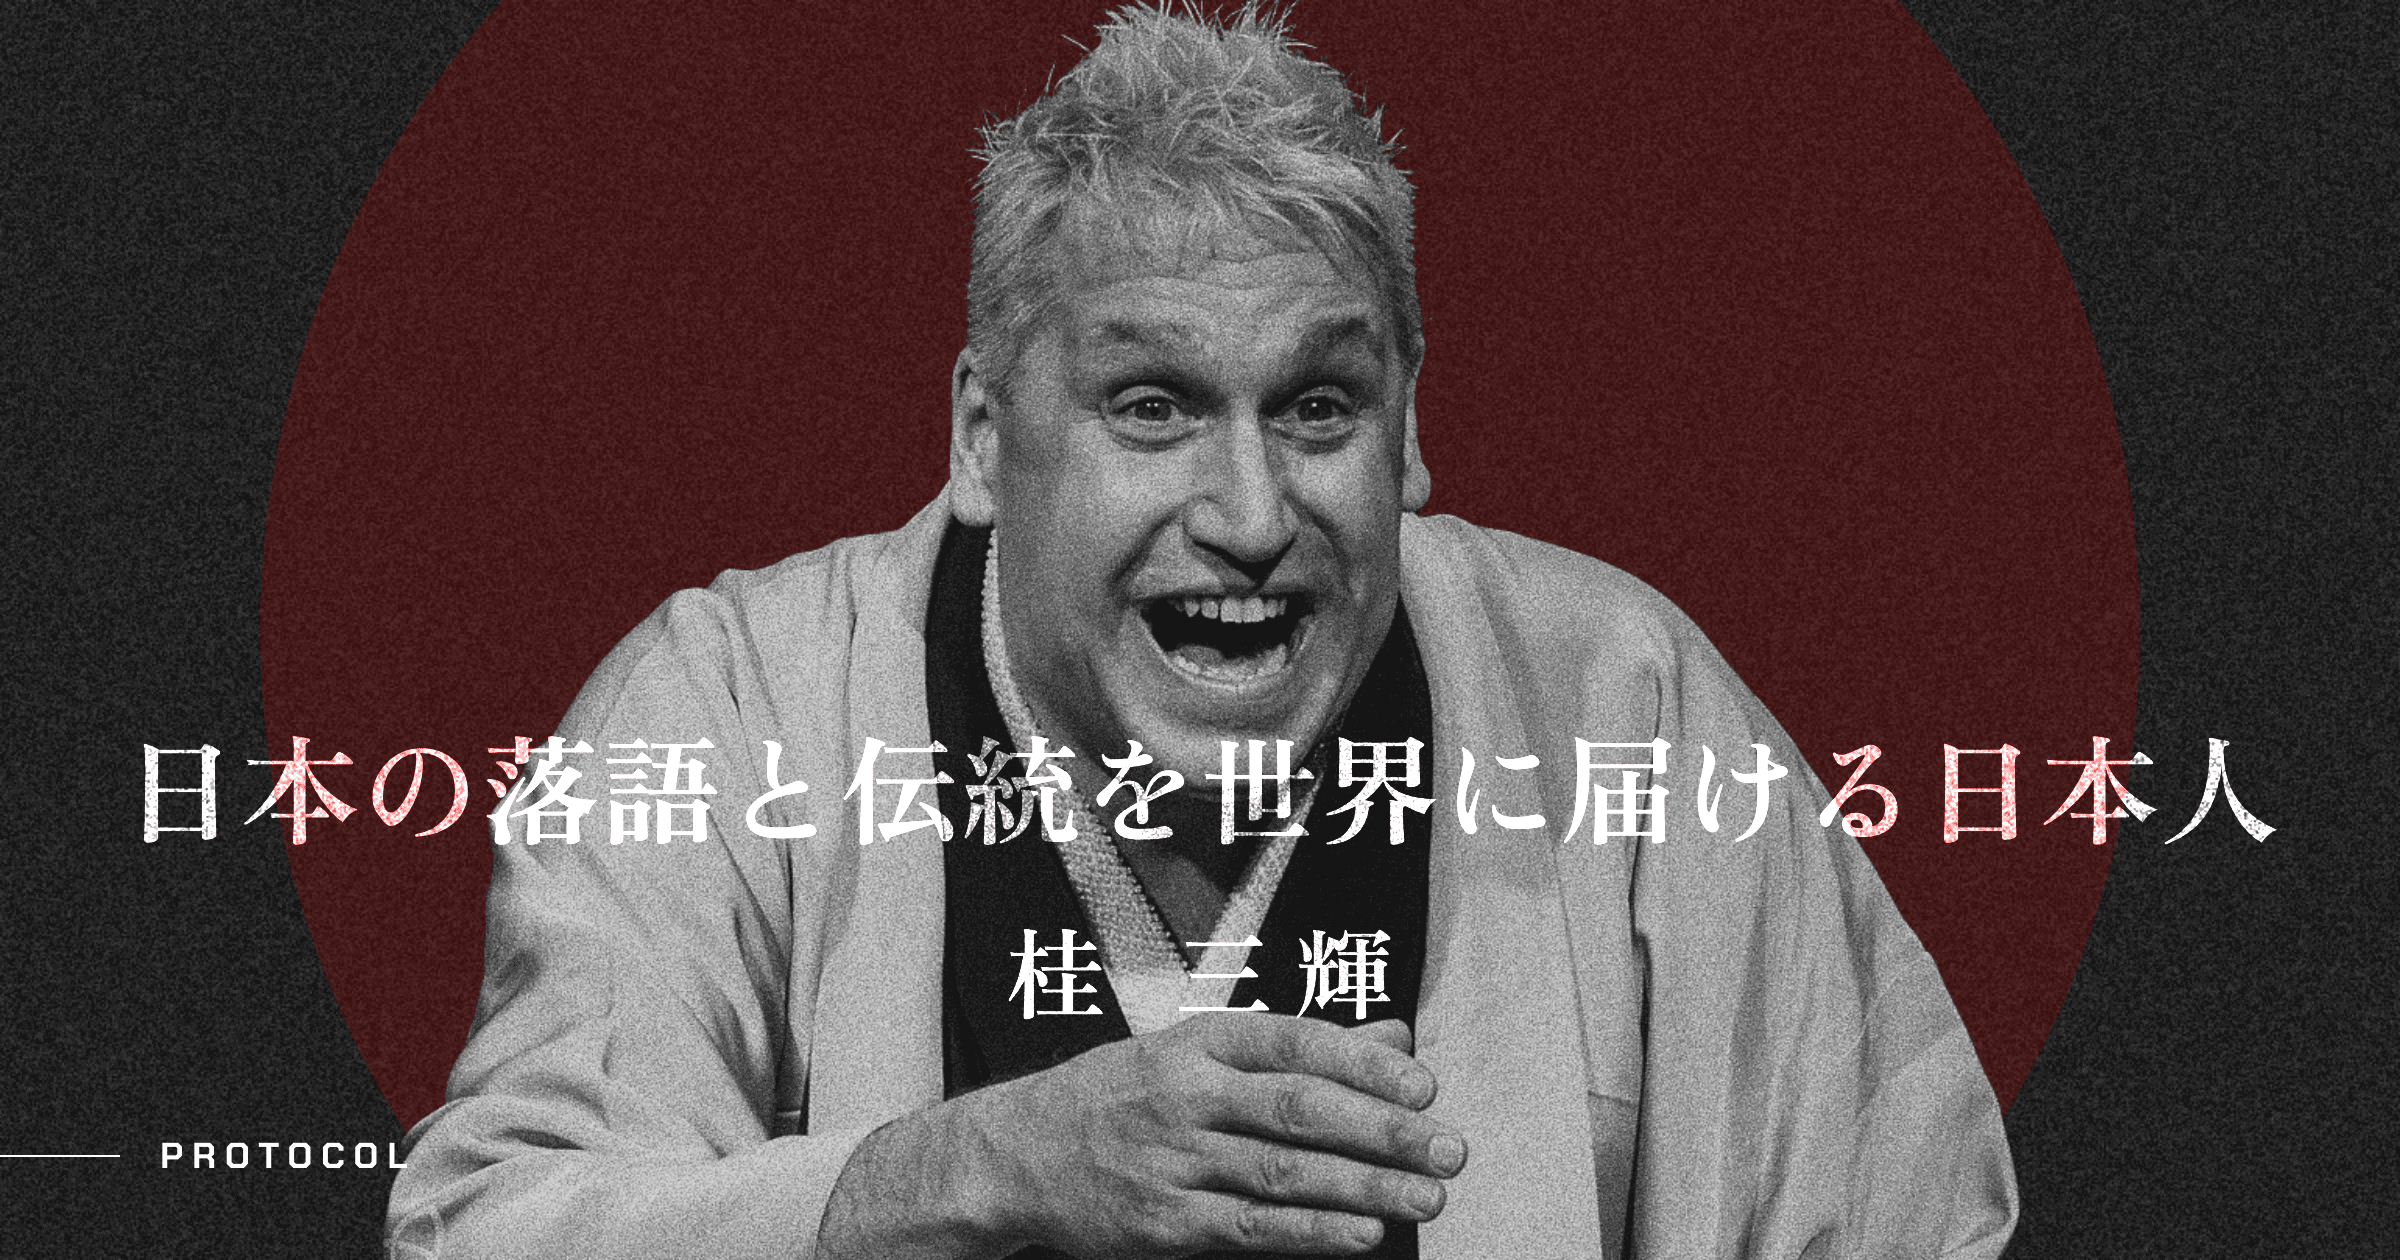 【桂三輝】日本の落語と伝統を世界に届けるカナダ出身の日本人起業家